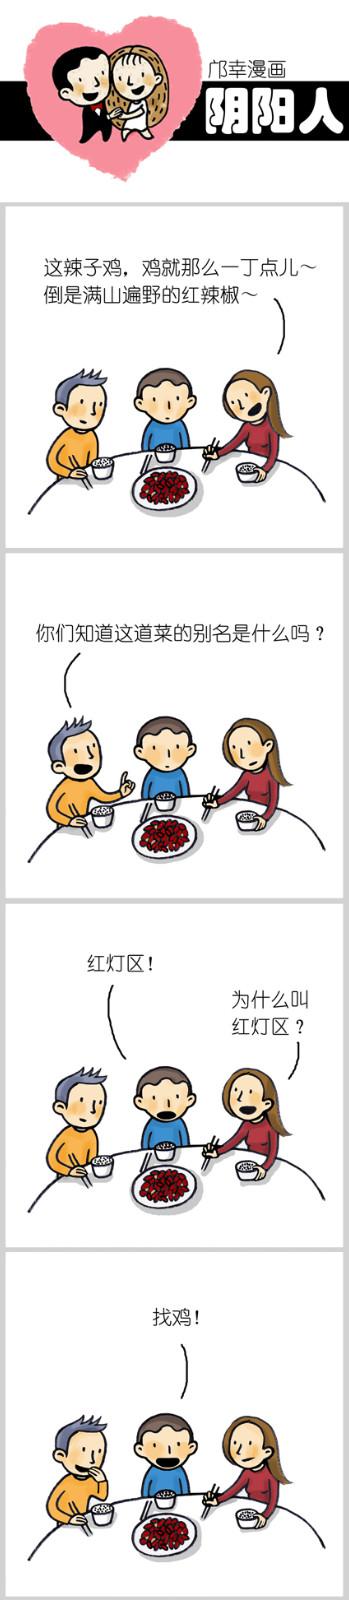 【邝幸漫畫】《阴阳人》119 红灯区_图1-1